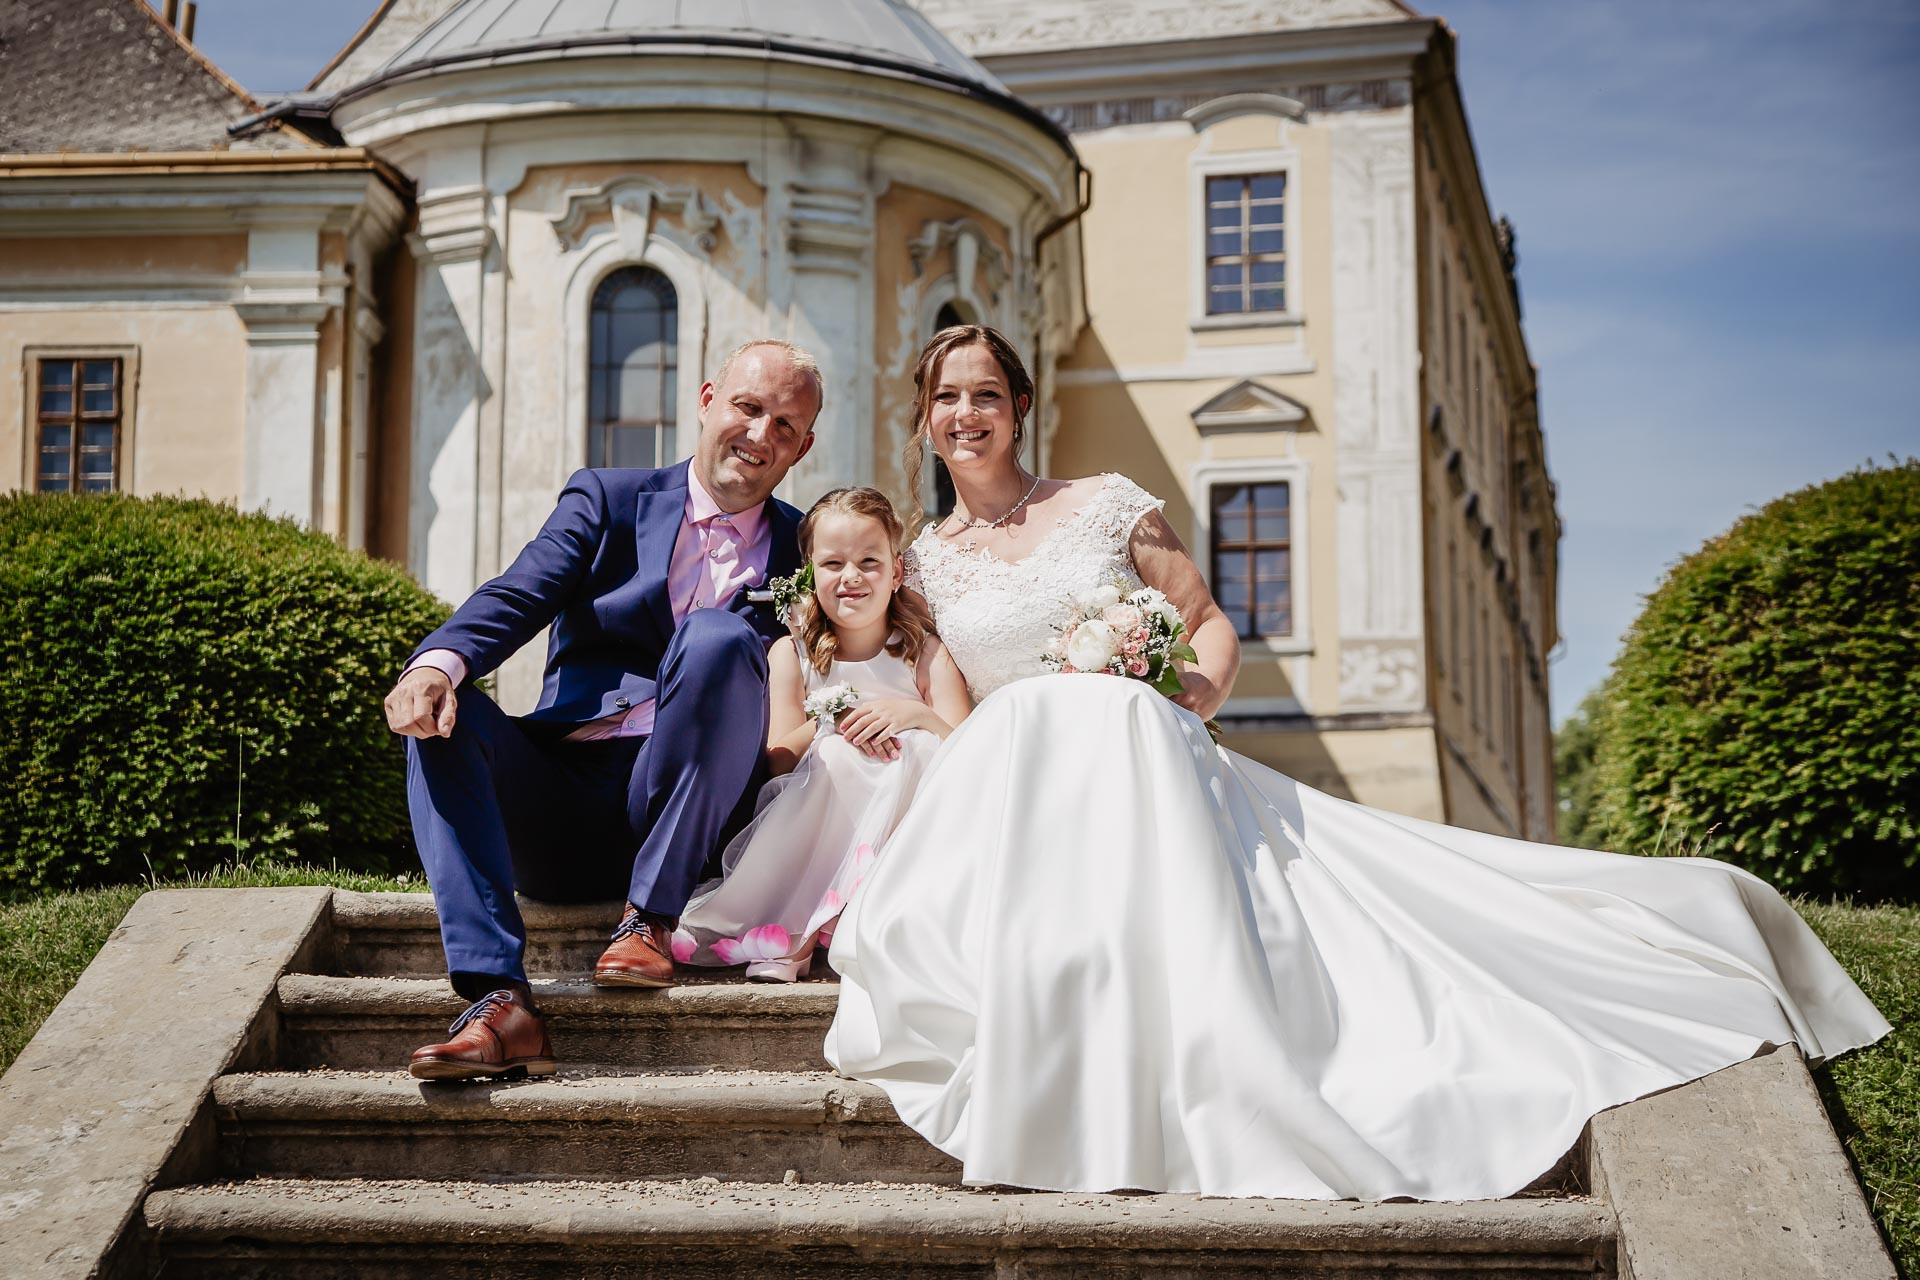 Připrava-svatebního-obřadu-Lysá-nad-Labem-9893